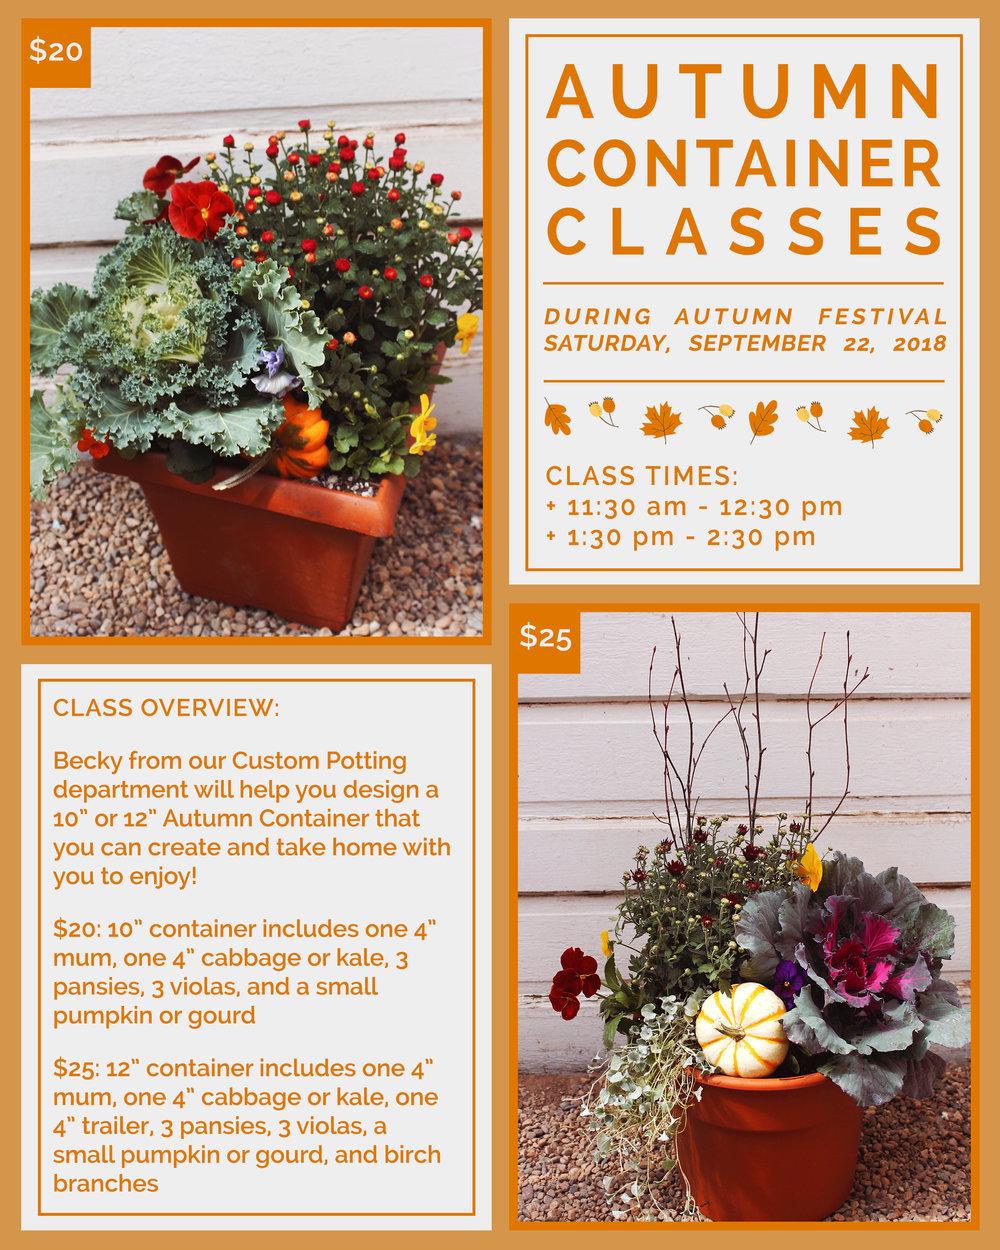 Autumn Container Classes.jpg